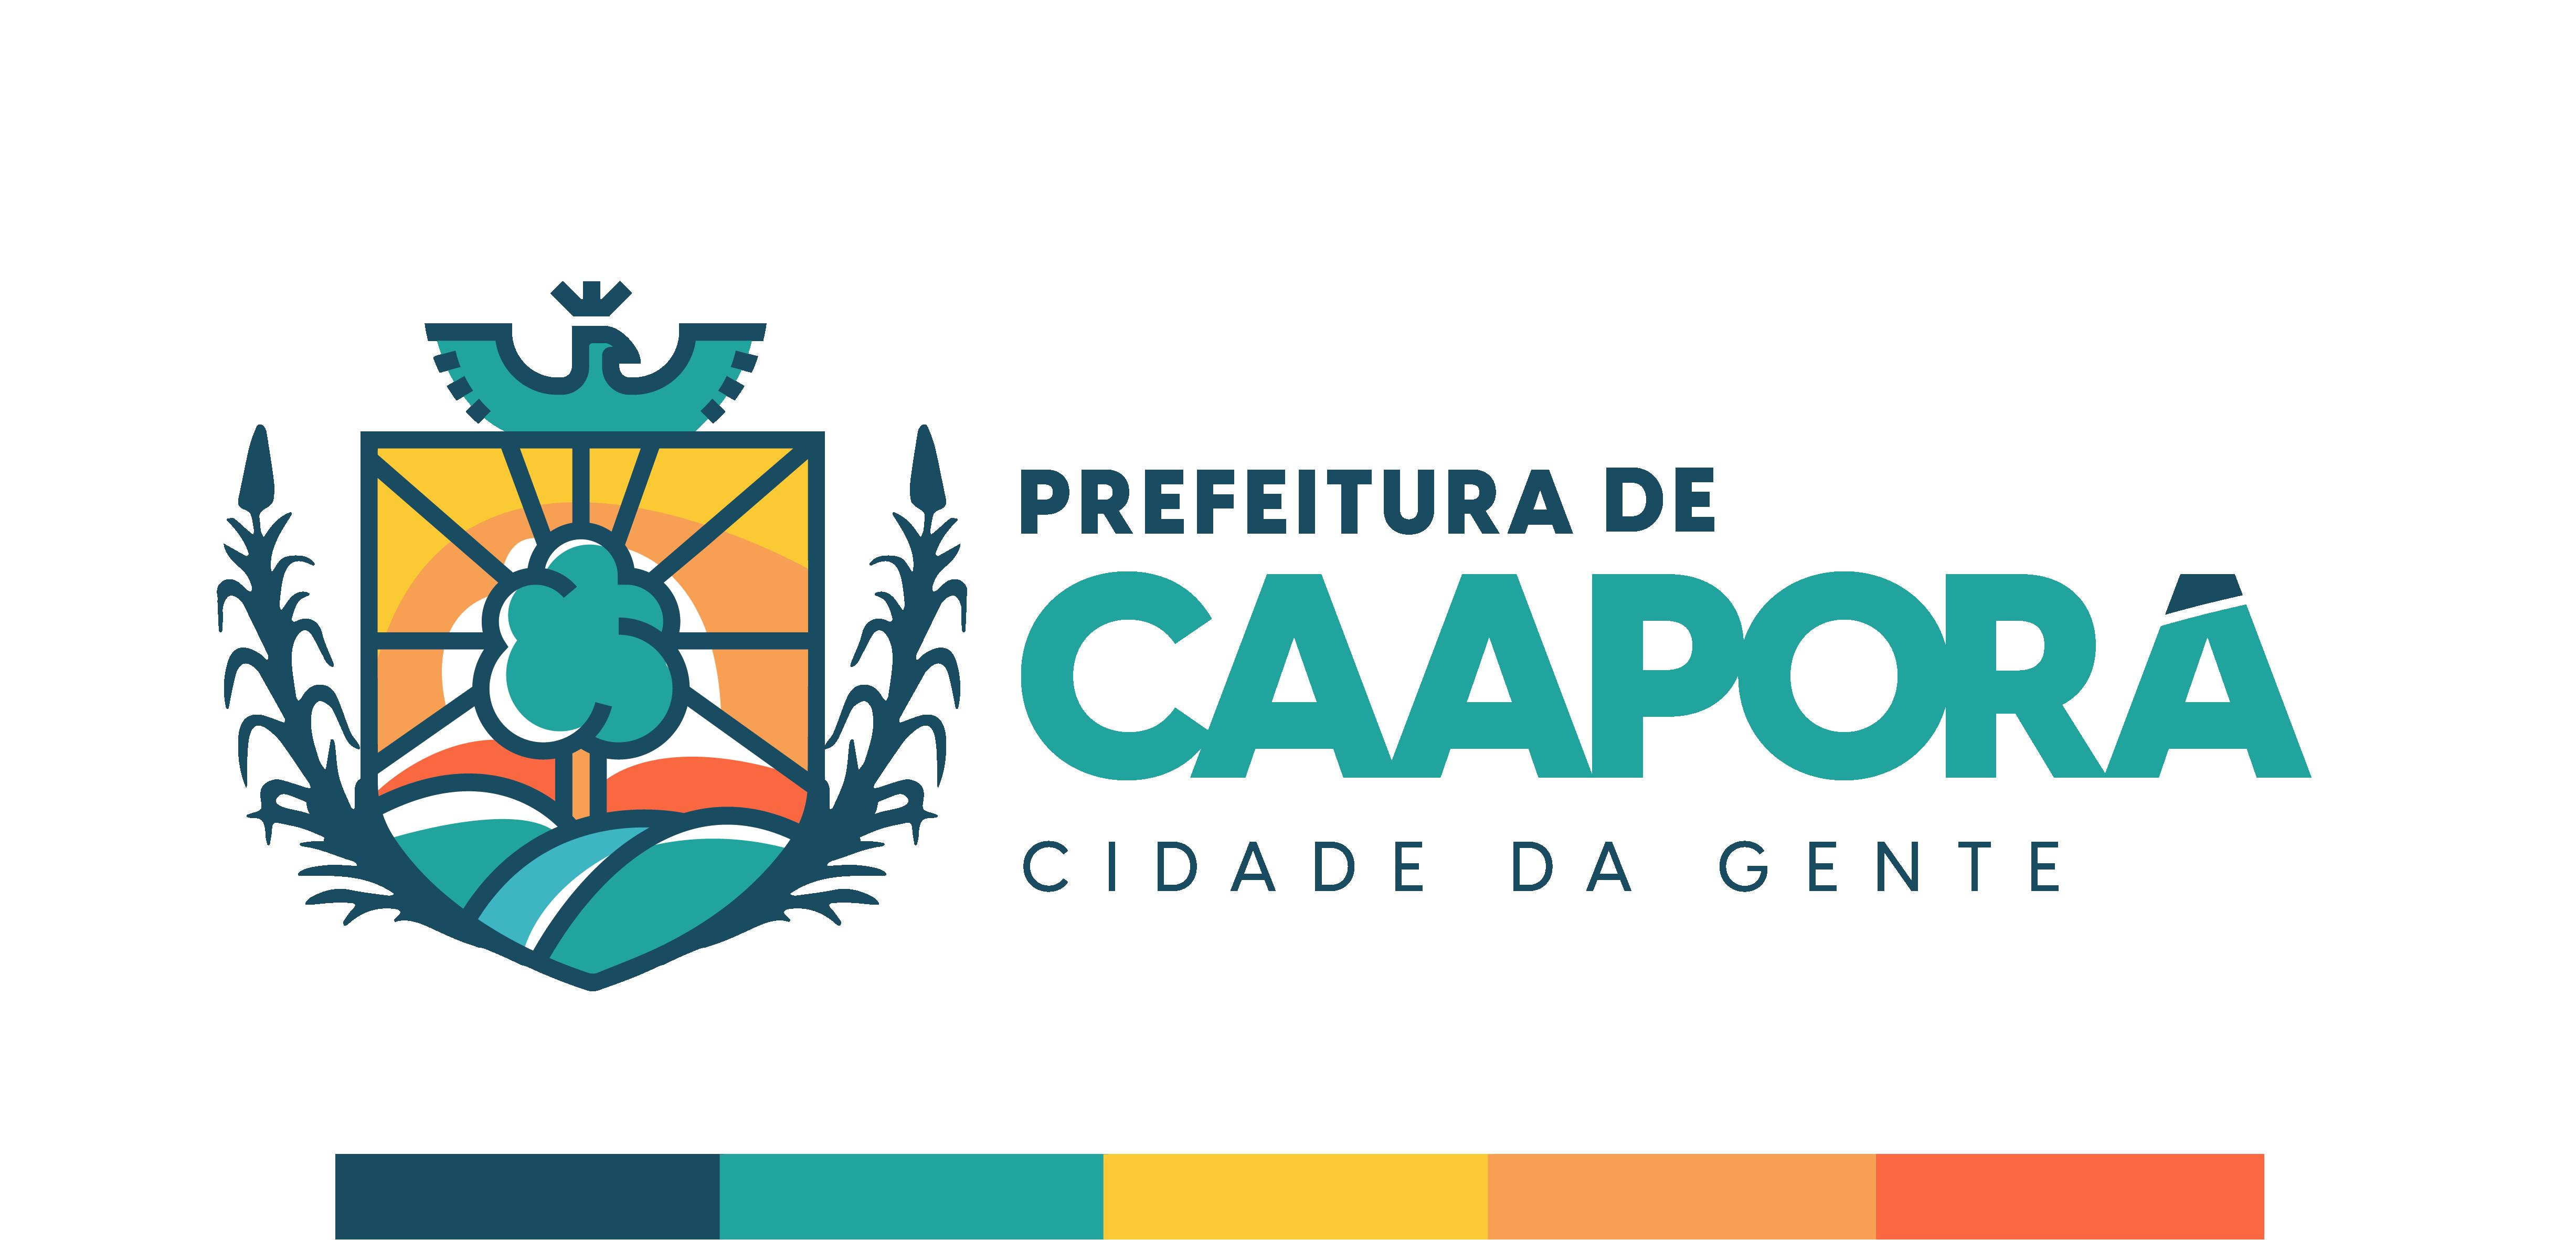 Prefeitura de Caaporã